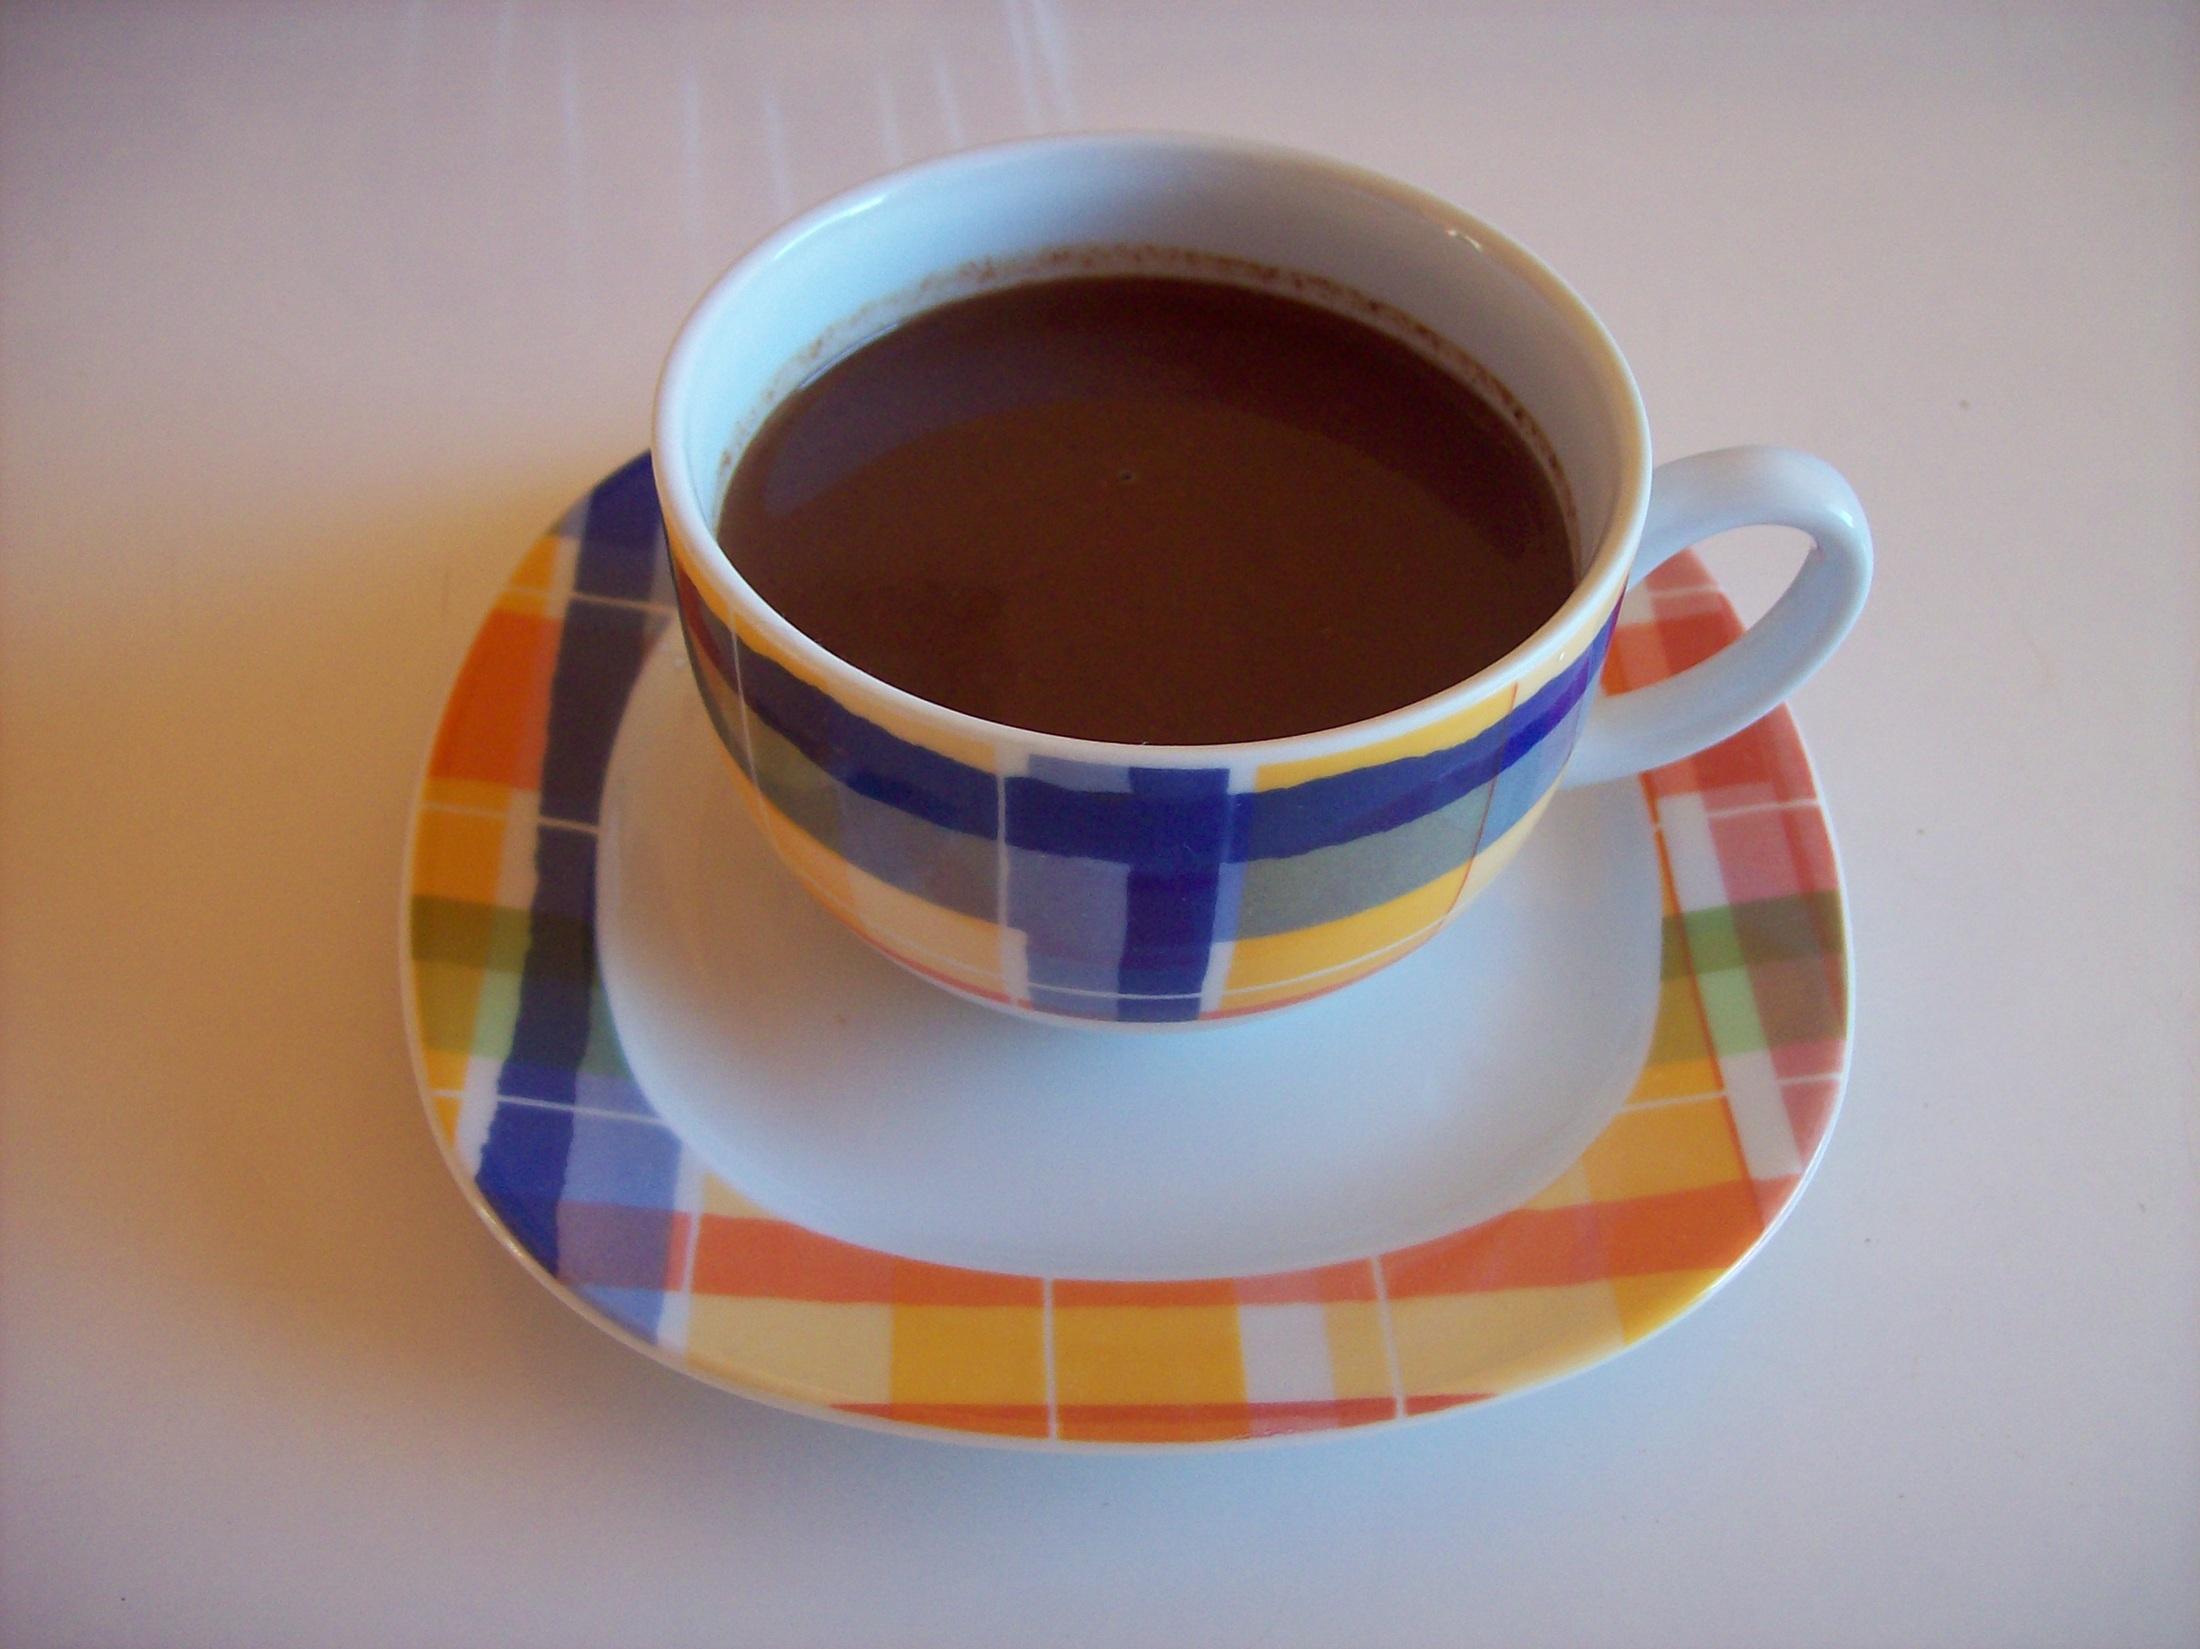 Horká čokoláda se sojovým mlékem a hnědým cukrem